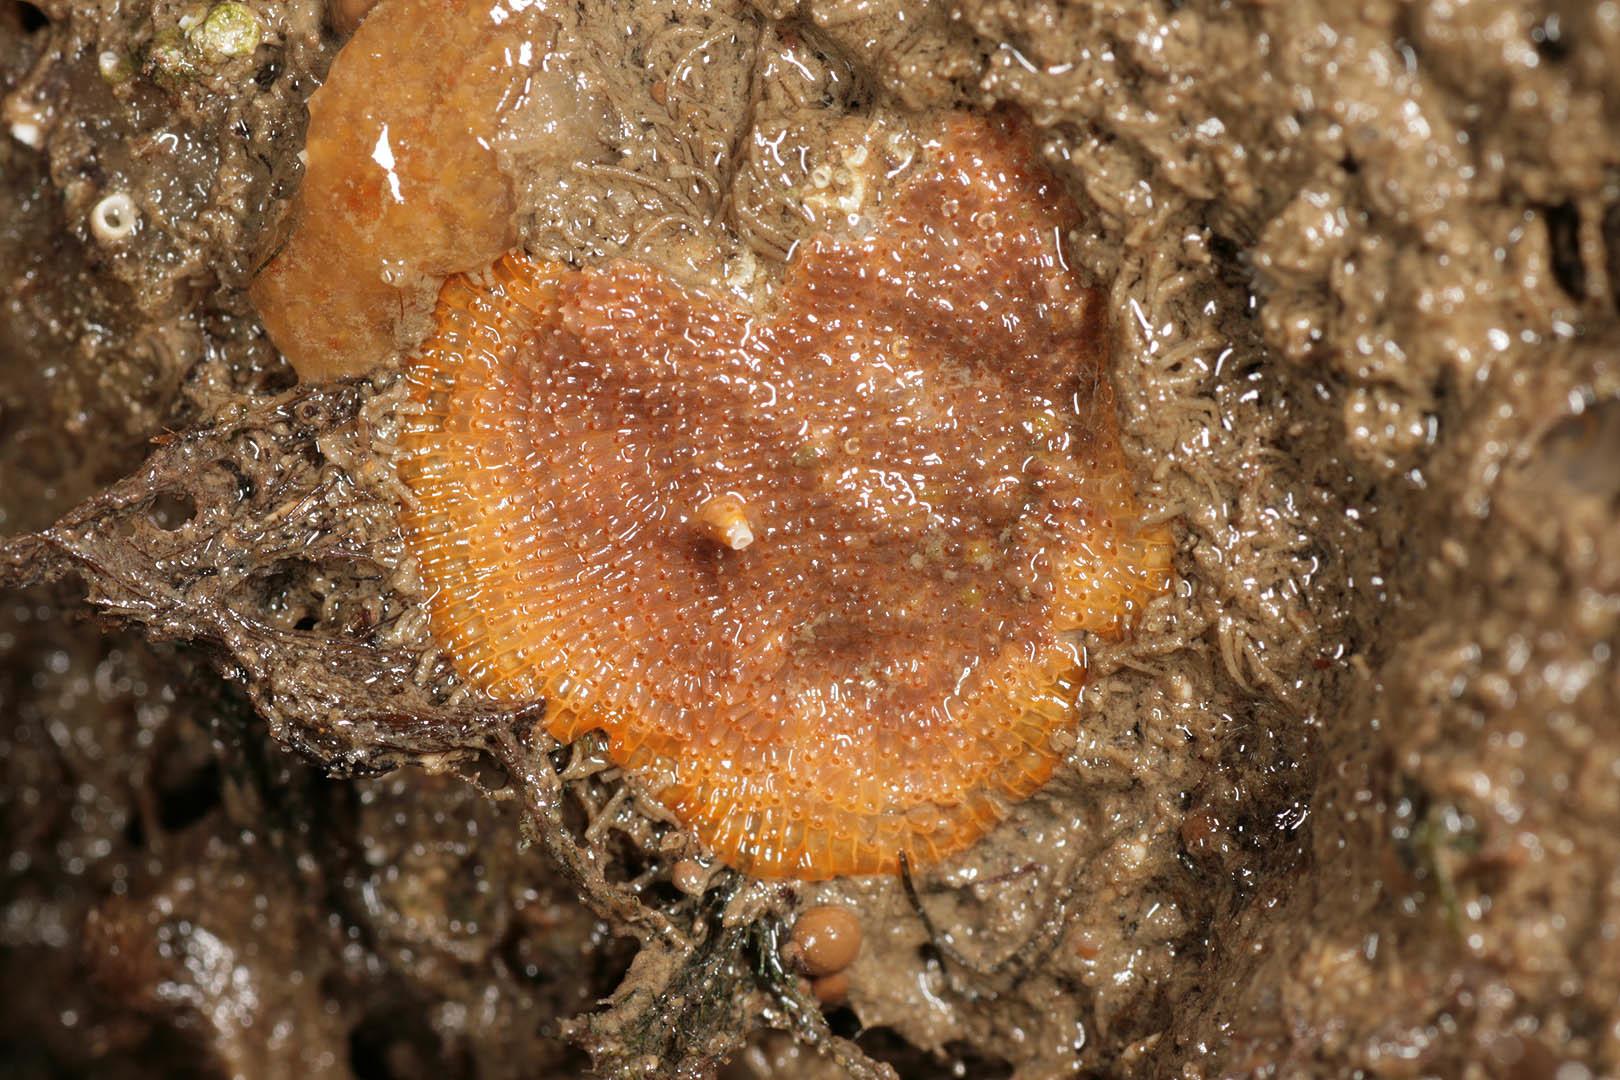 Image of Bryozoan